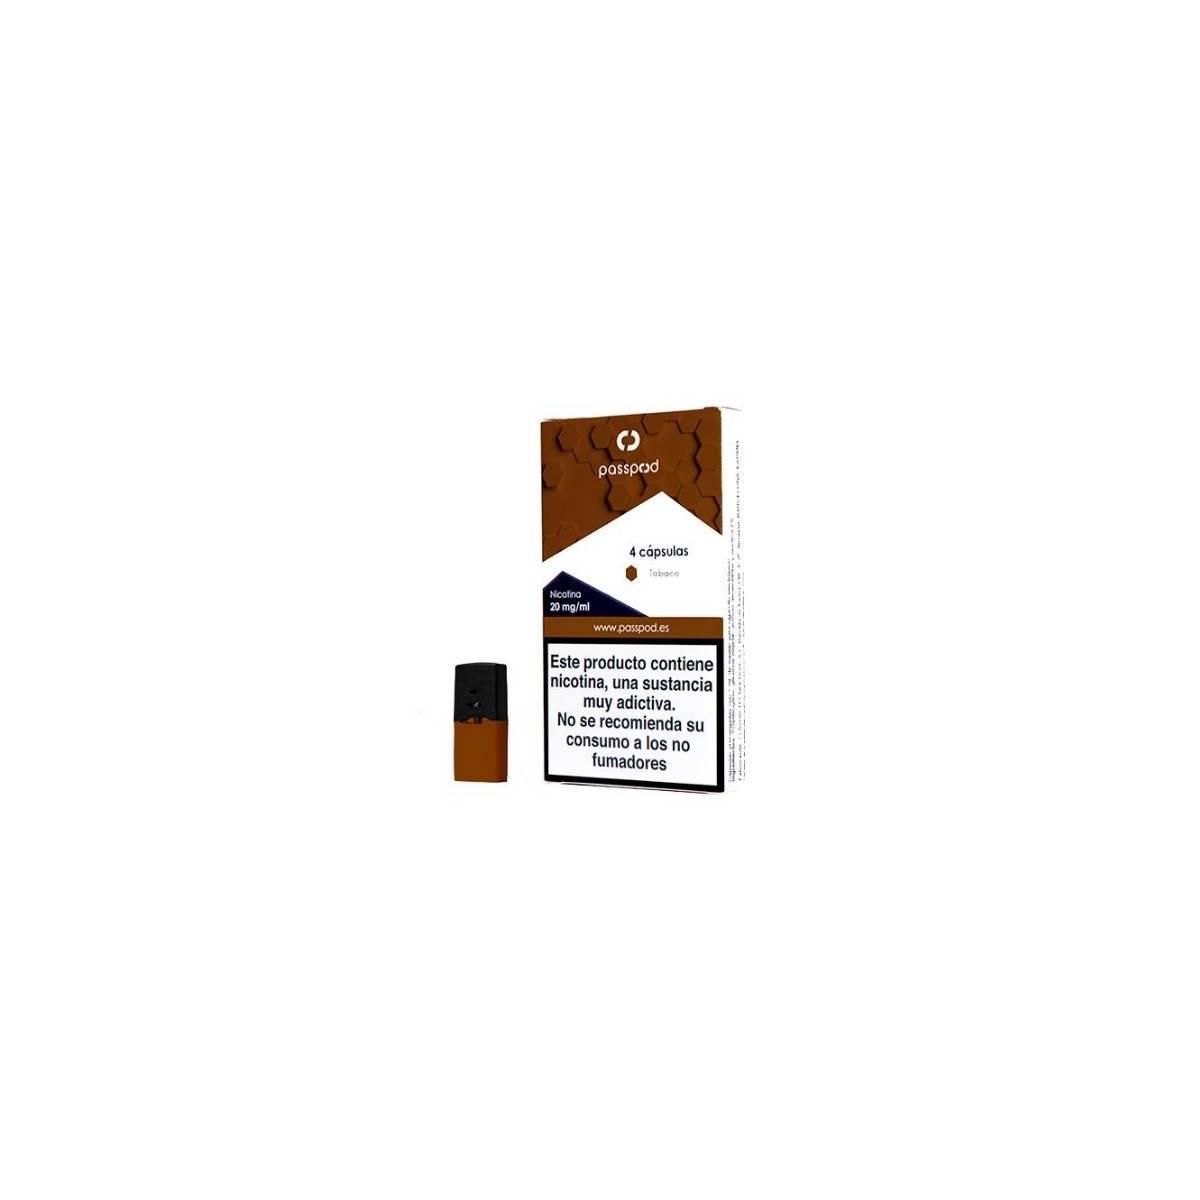 Cápsula Tabaco 20mg TPD - Passpod